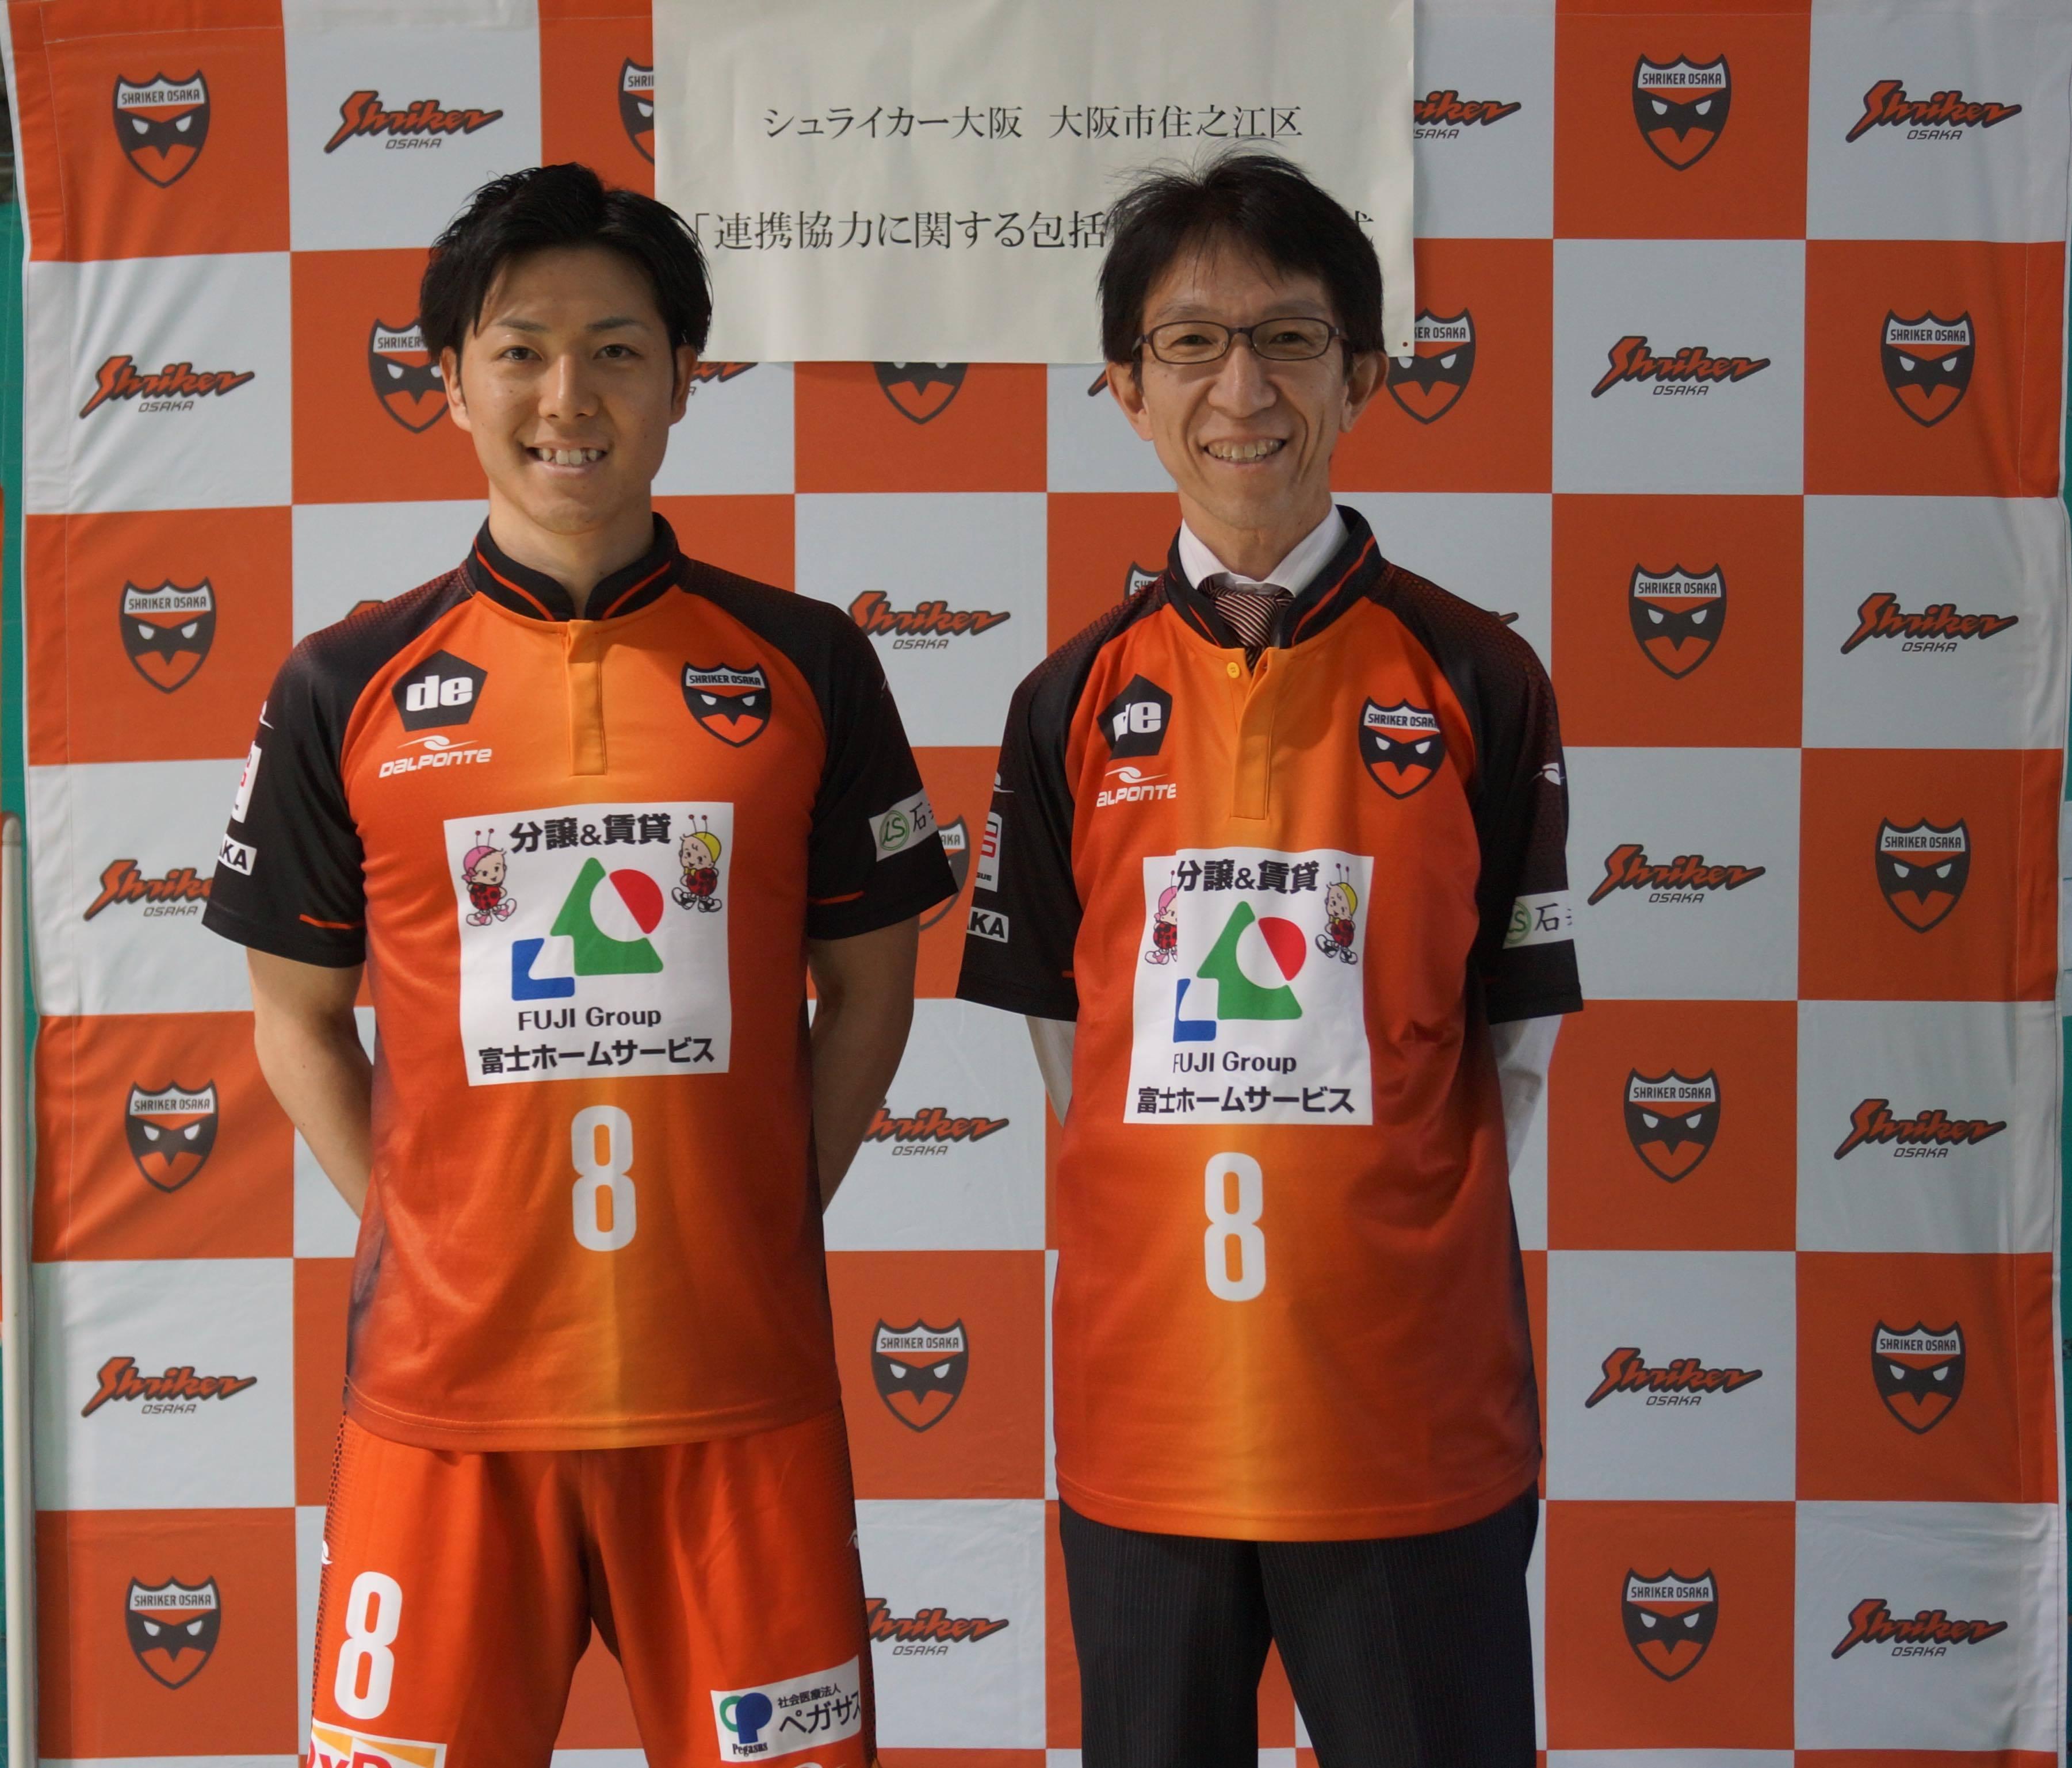 左から加藤選手、西原区長のユニフォーム写真